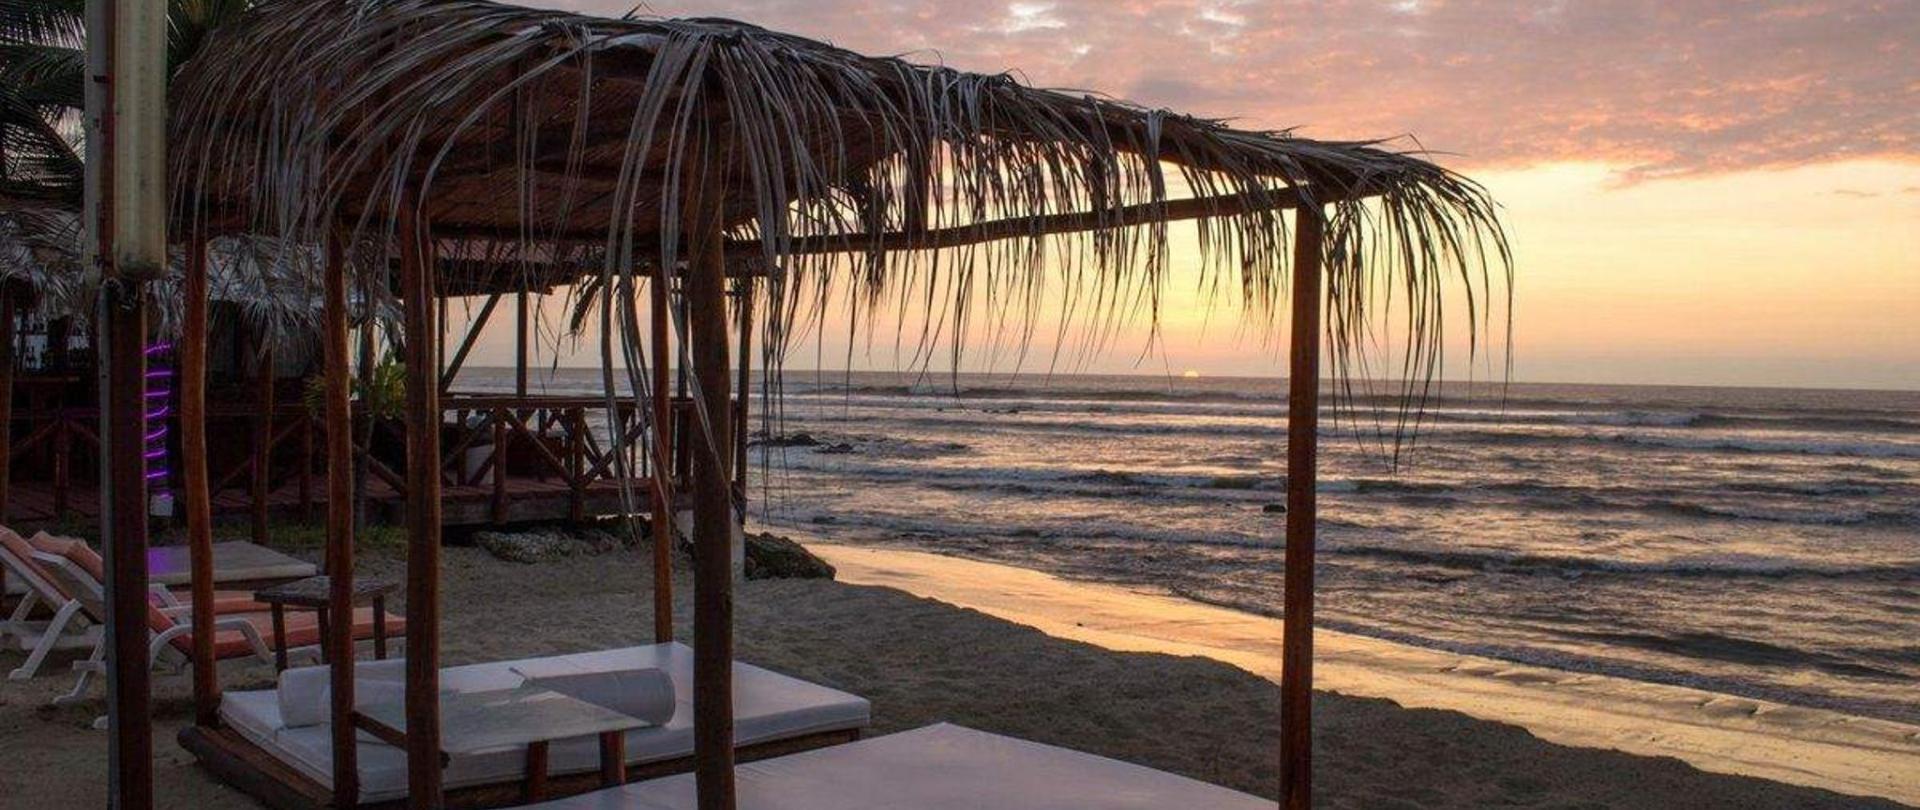 camas-de-playa.jpg